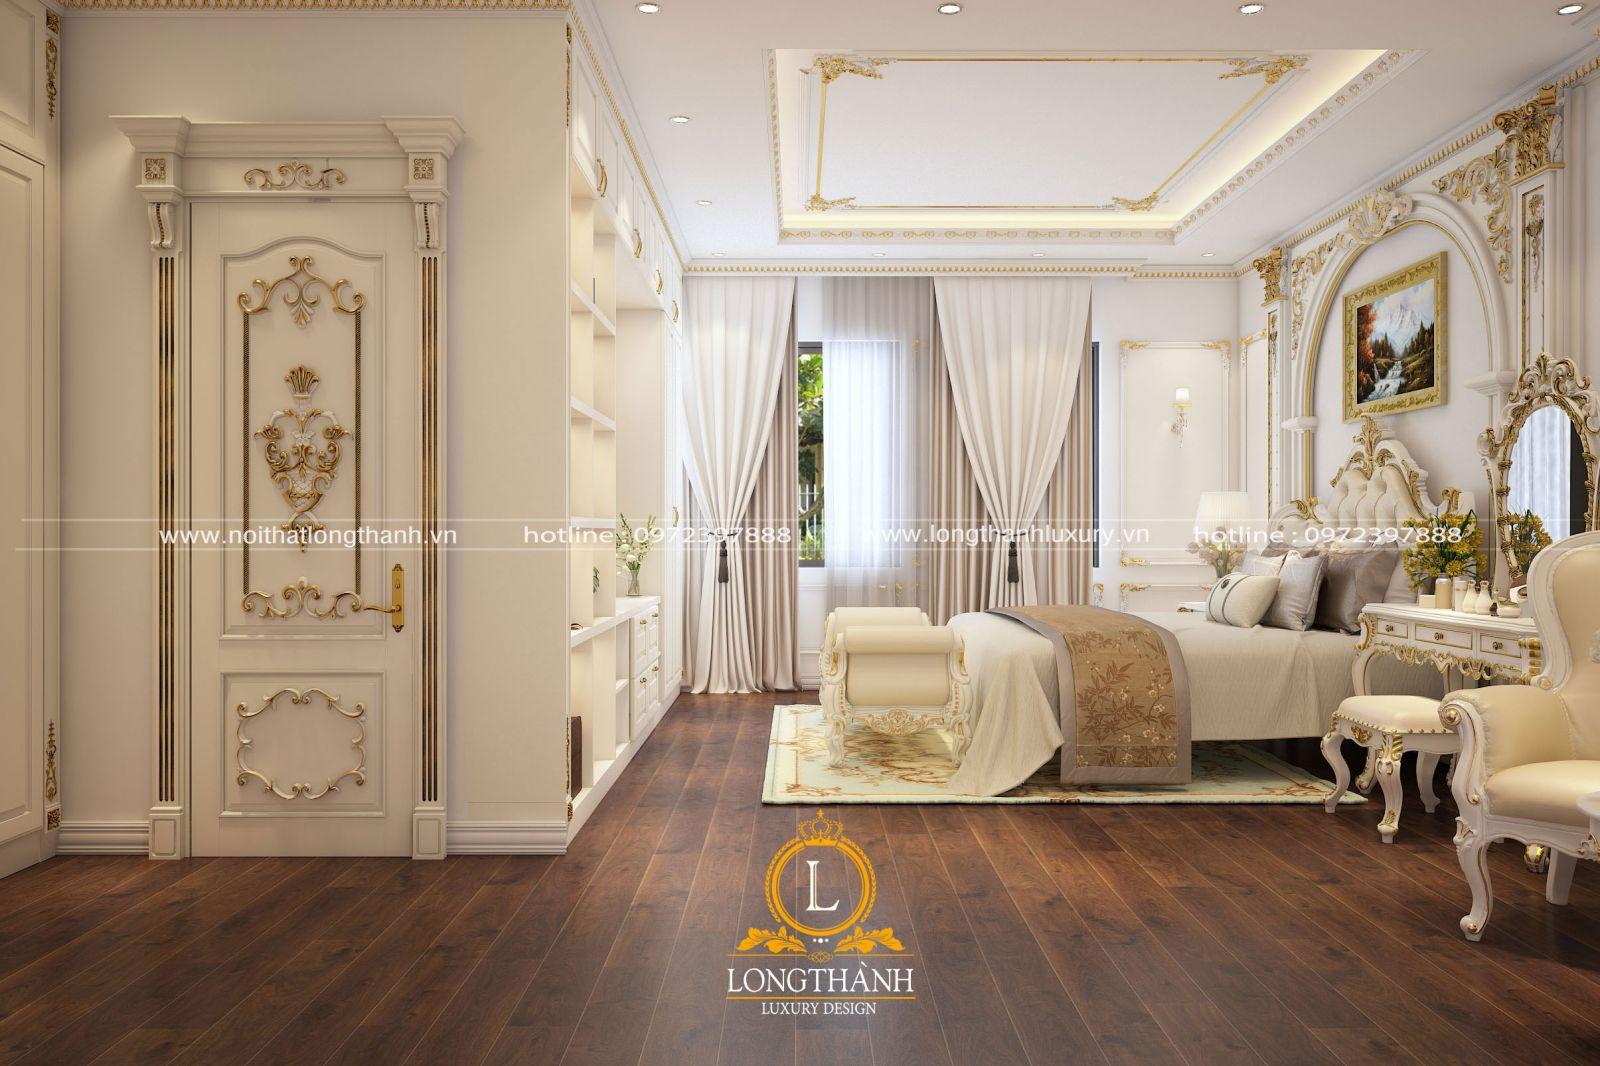 Không gian phòng ngủ cao cấp lộng lẫy được thiết kế tiện nghi